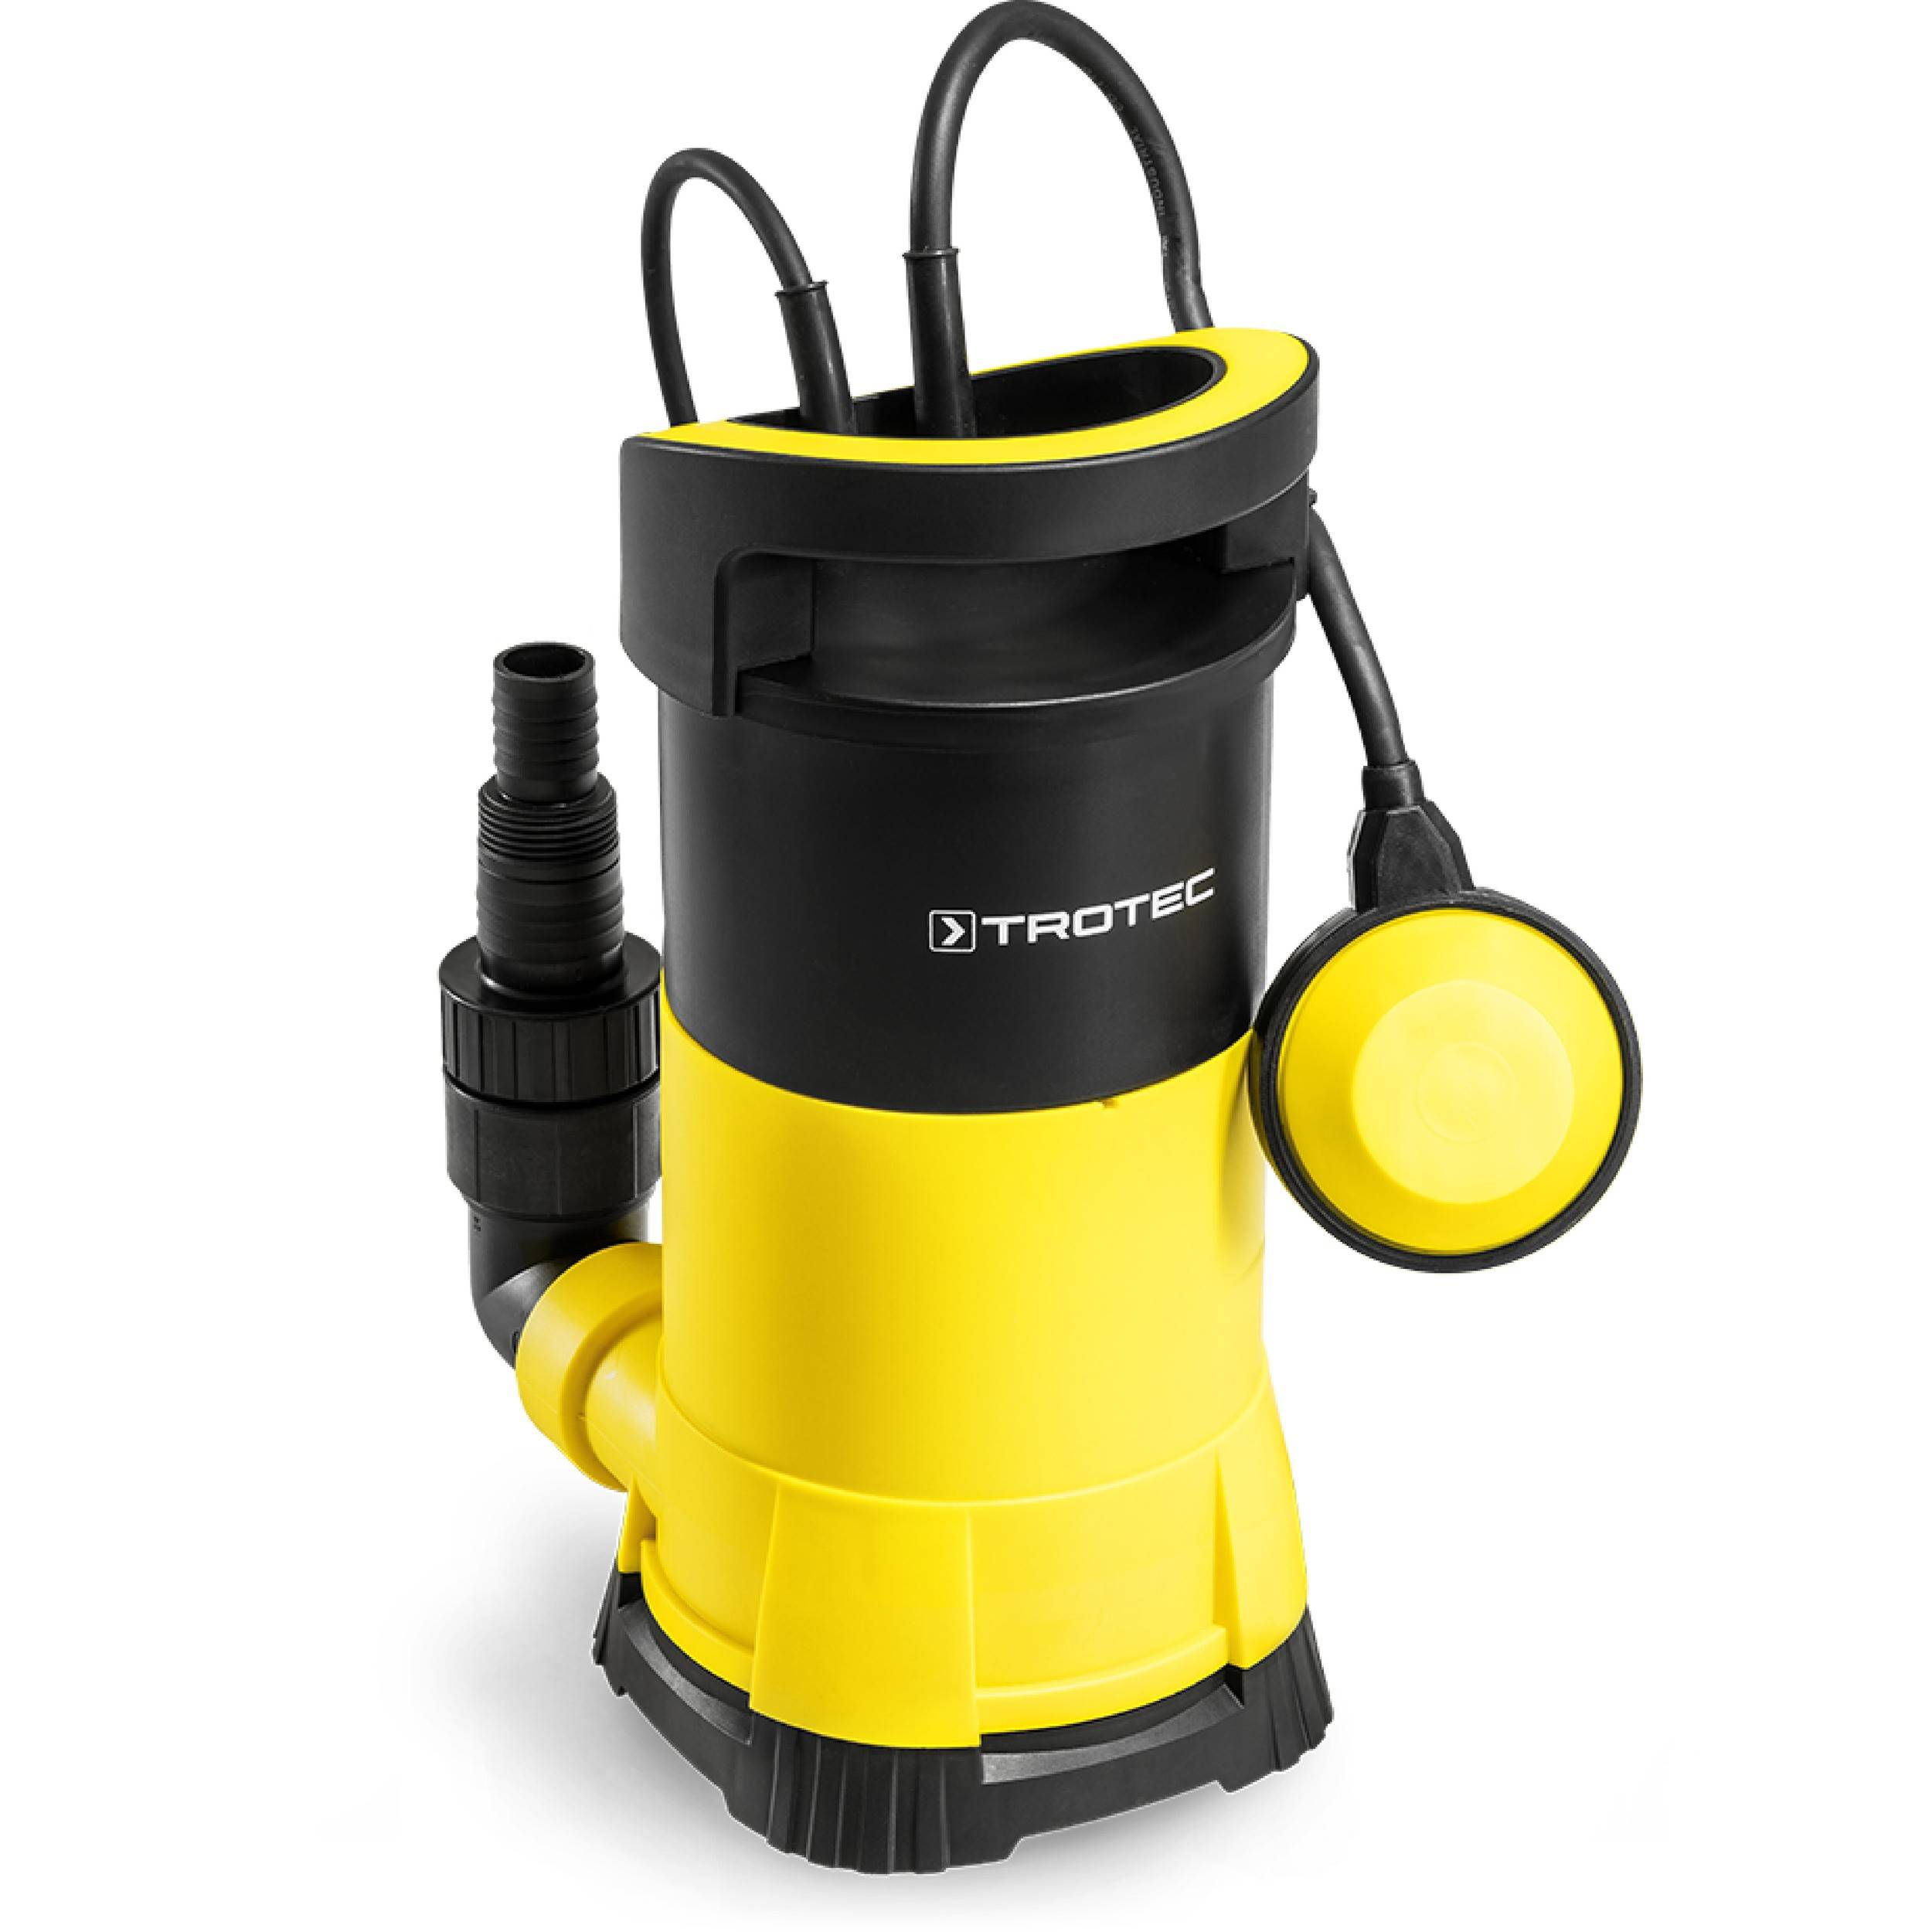 Trotec Pompa sommersa per acque chiare TWP 7505 E